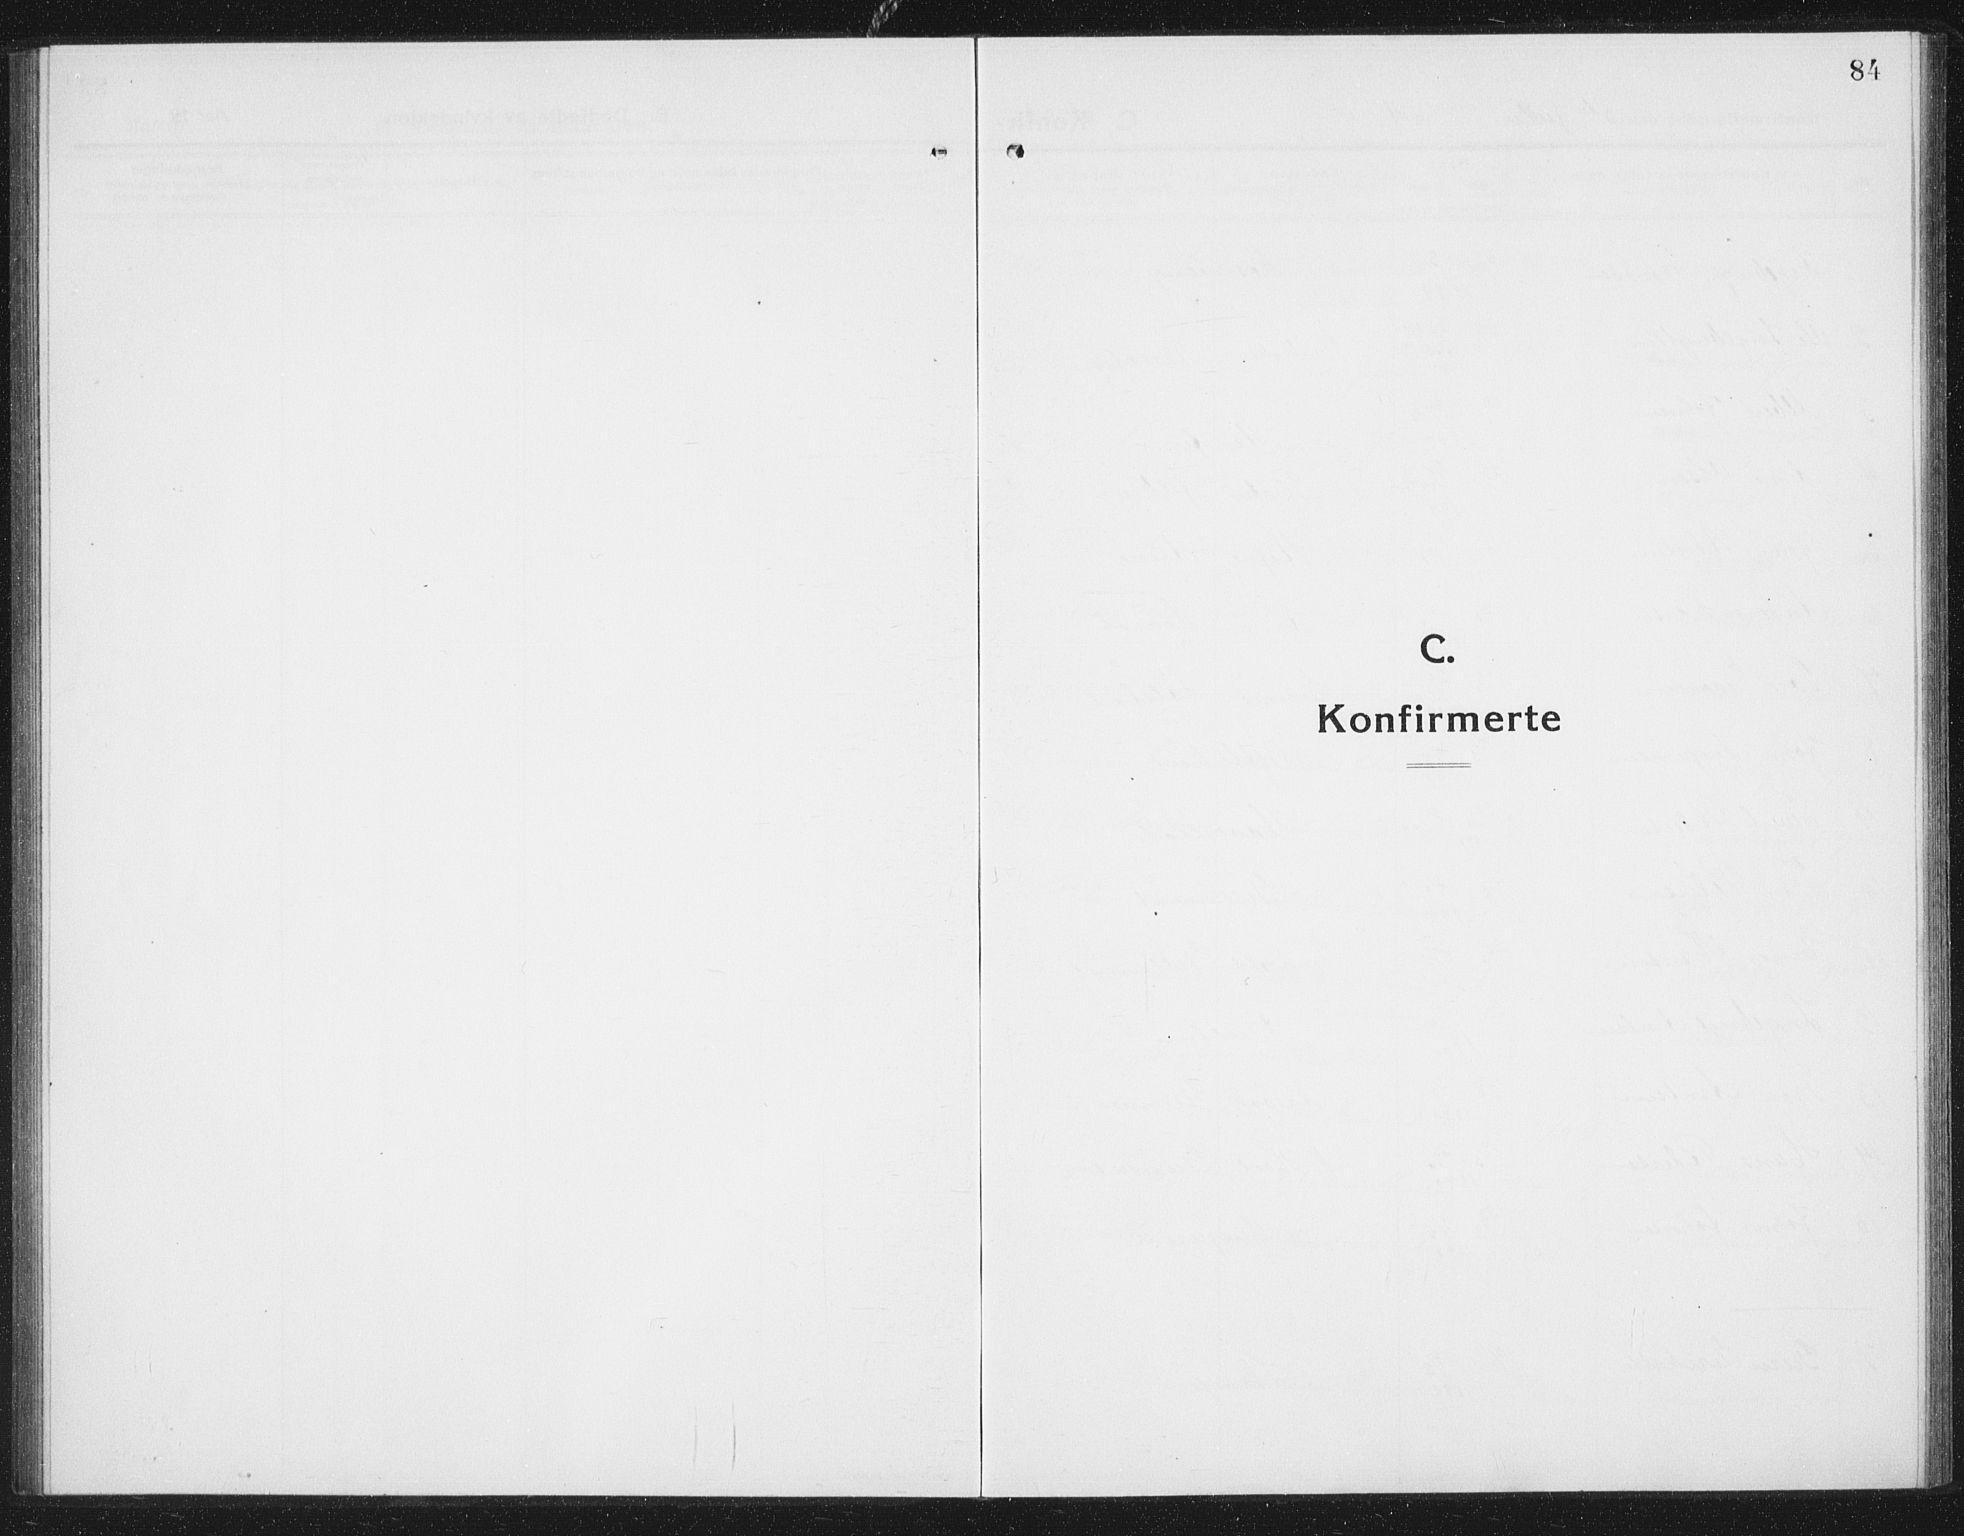 SAT, Ministerialprotokoller, klokkerbøker og fødselsregistre - Sør-Trøndelag, 675/L0888: Klokkerbok nr. 675C01, 1913-1935, s. 84